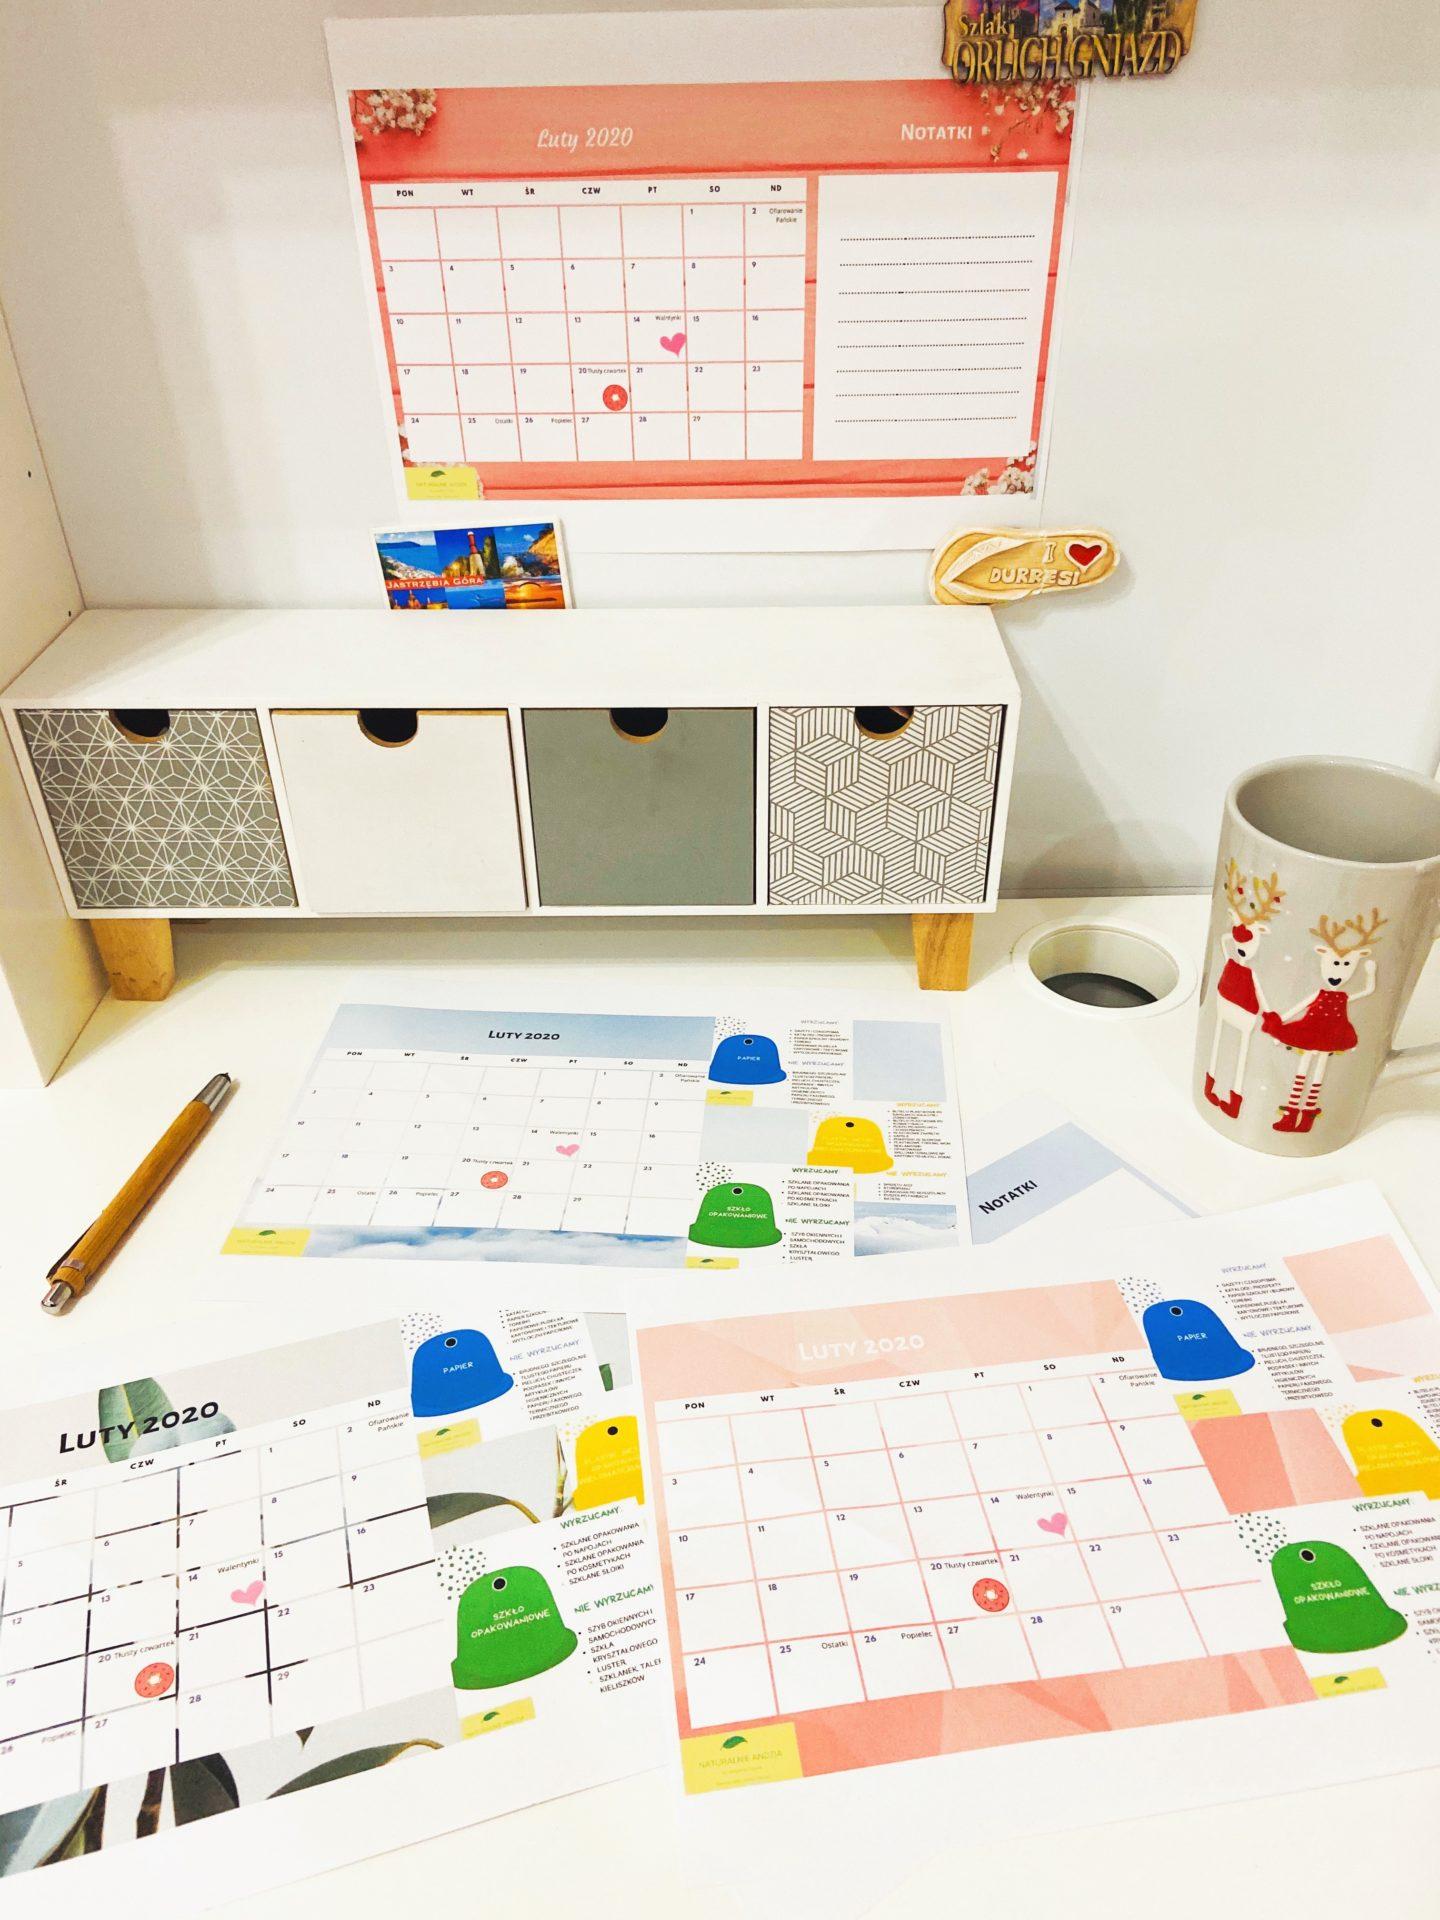 Zaplanuj swój czas – kalendarze na luty 2020 do pobrania